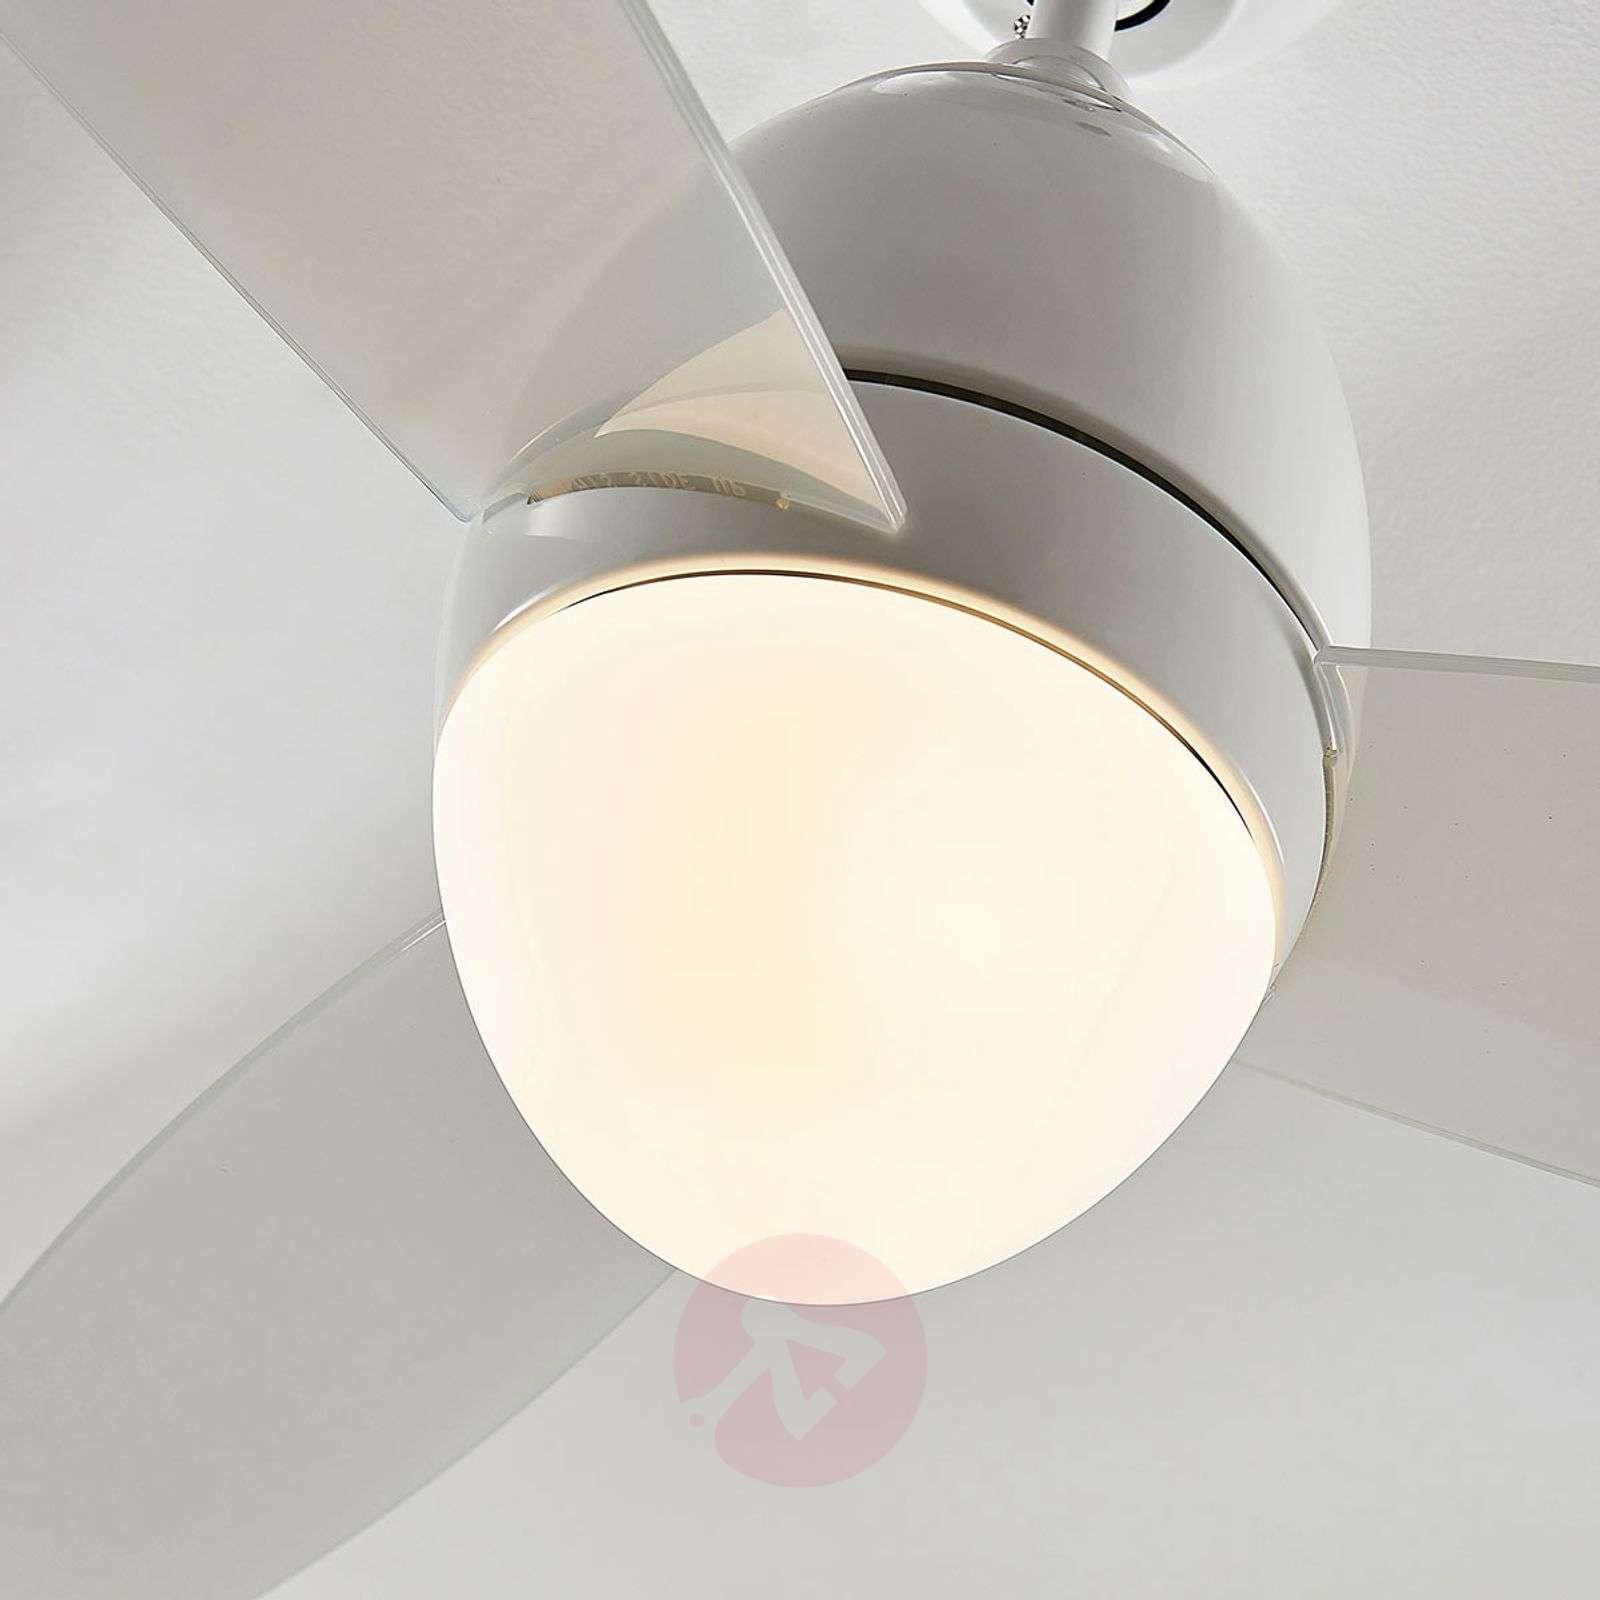 Kattotuuletin Piara, valaistu, kiiltävä valkoinen-4018206-03